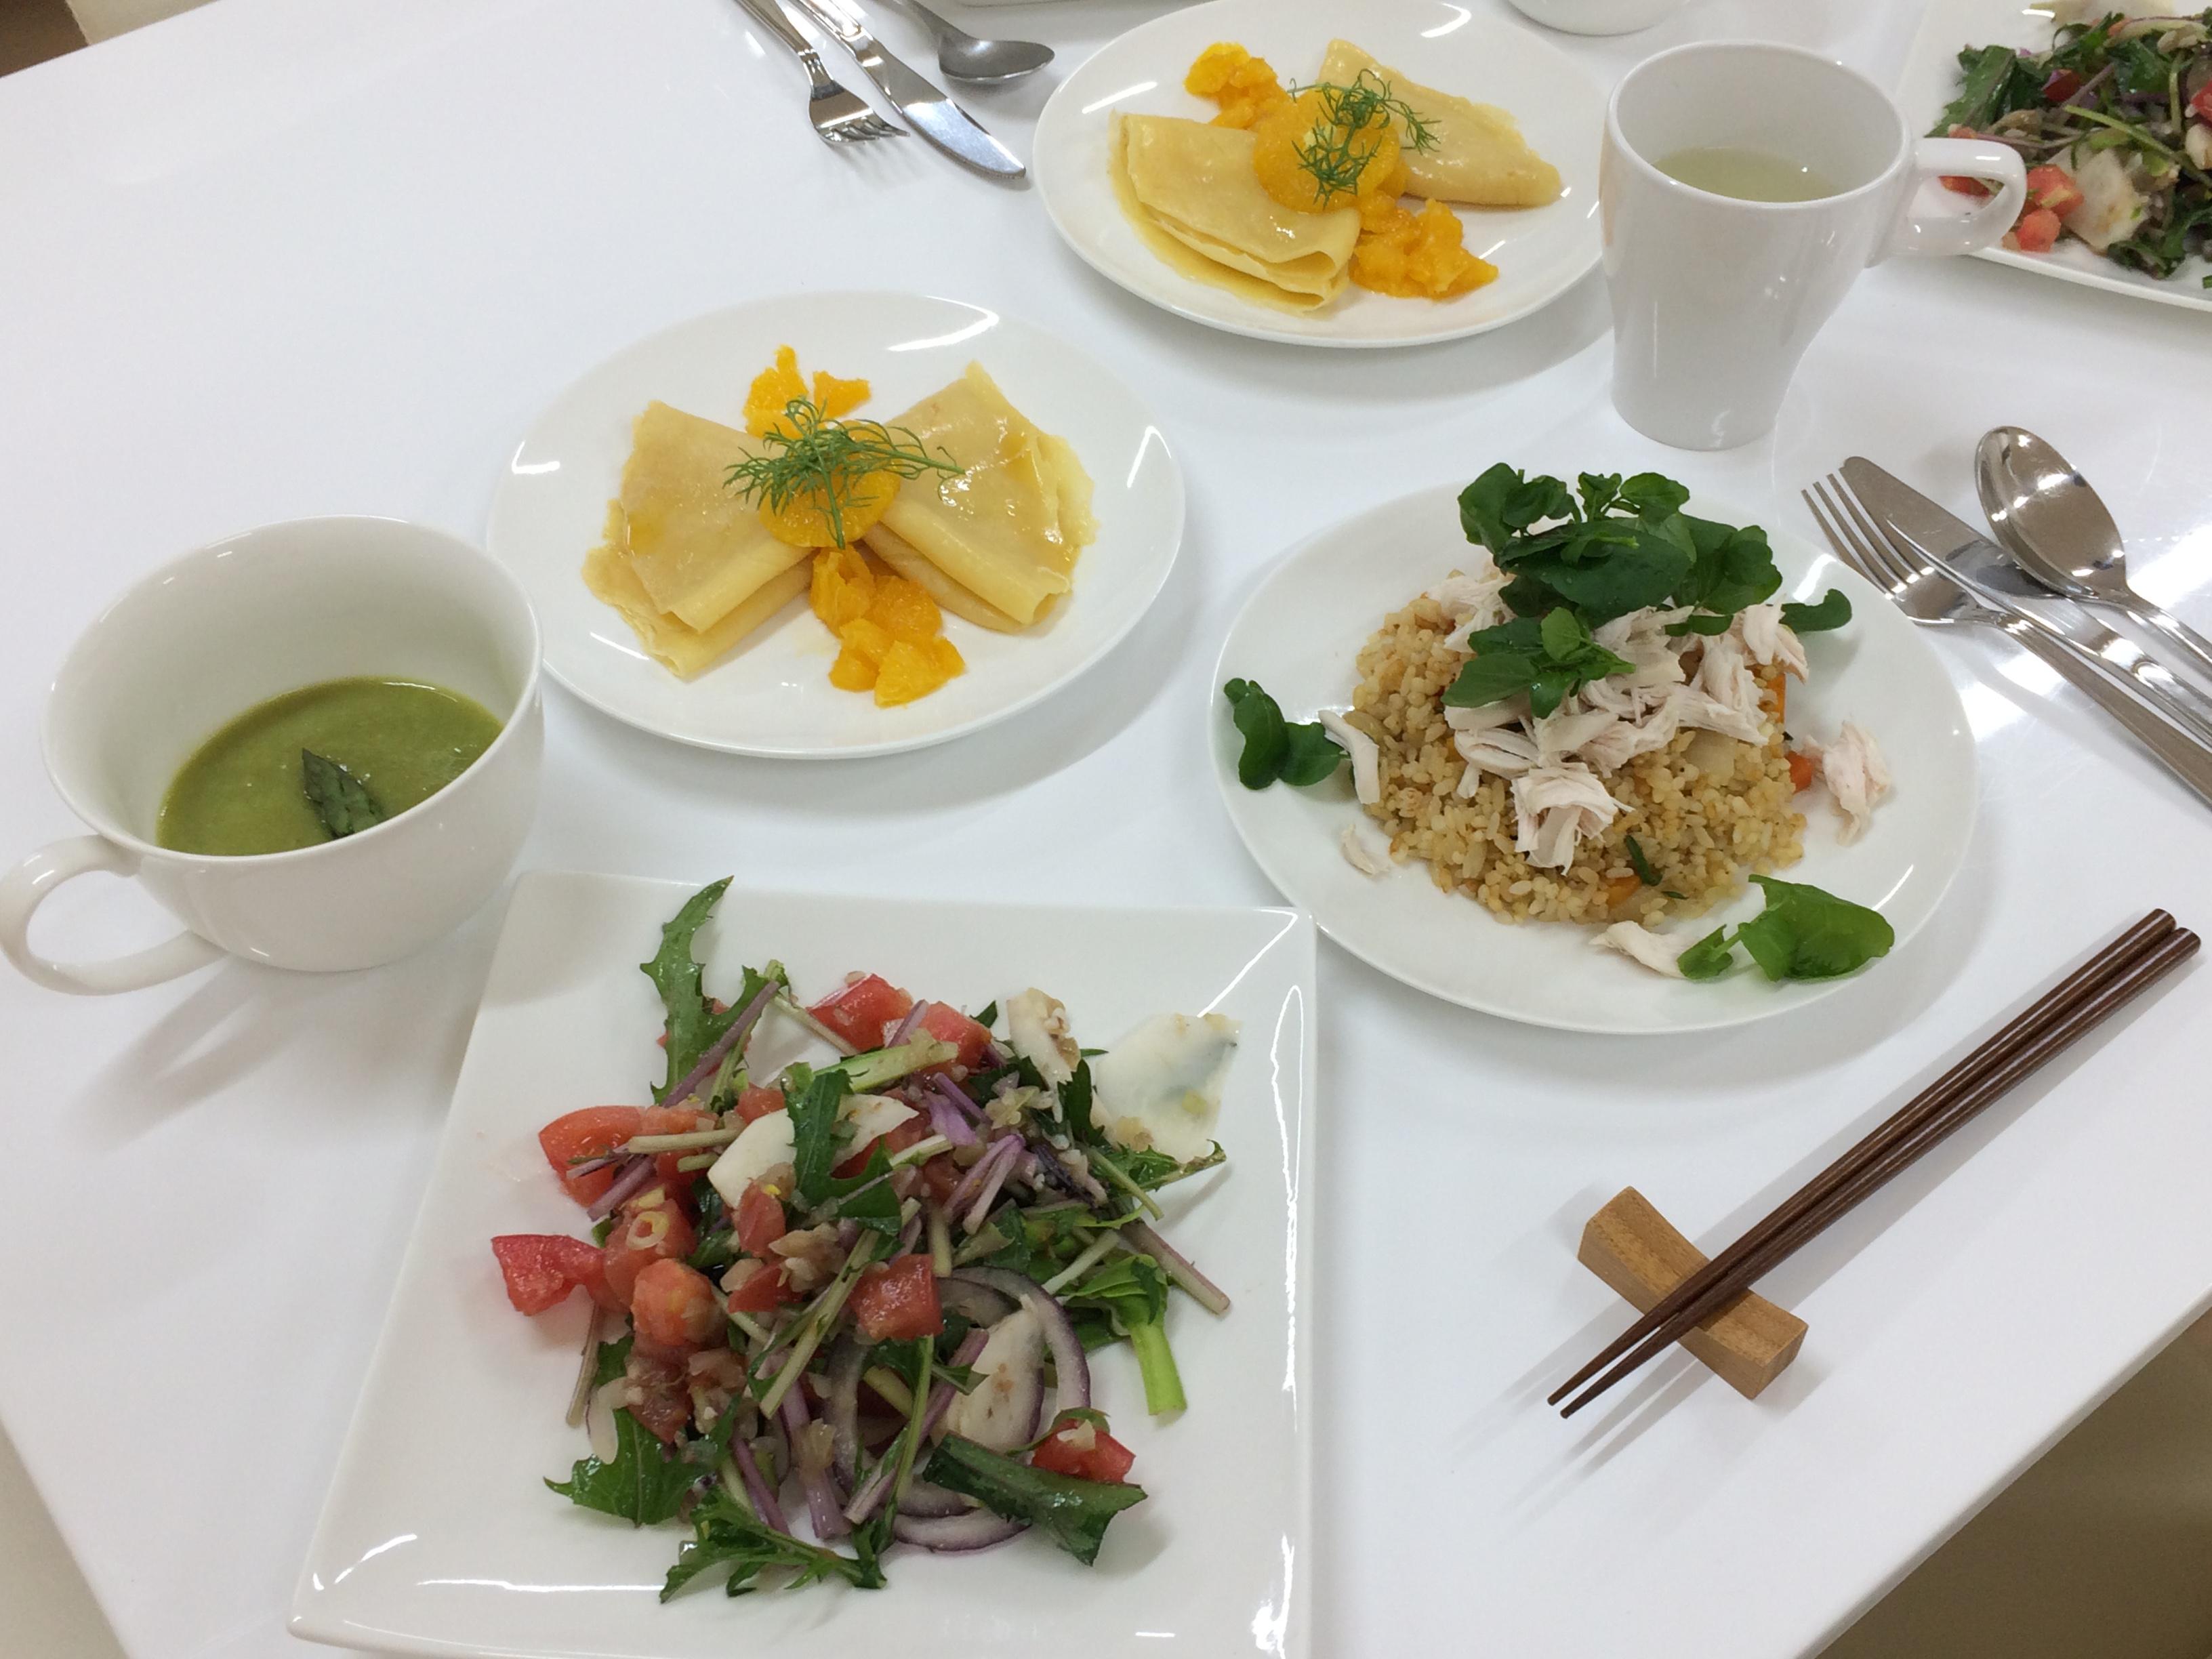 ハーブ・野菜・果物を楽しむ講座 2016年5月